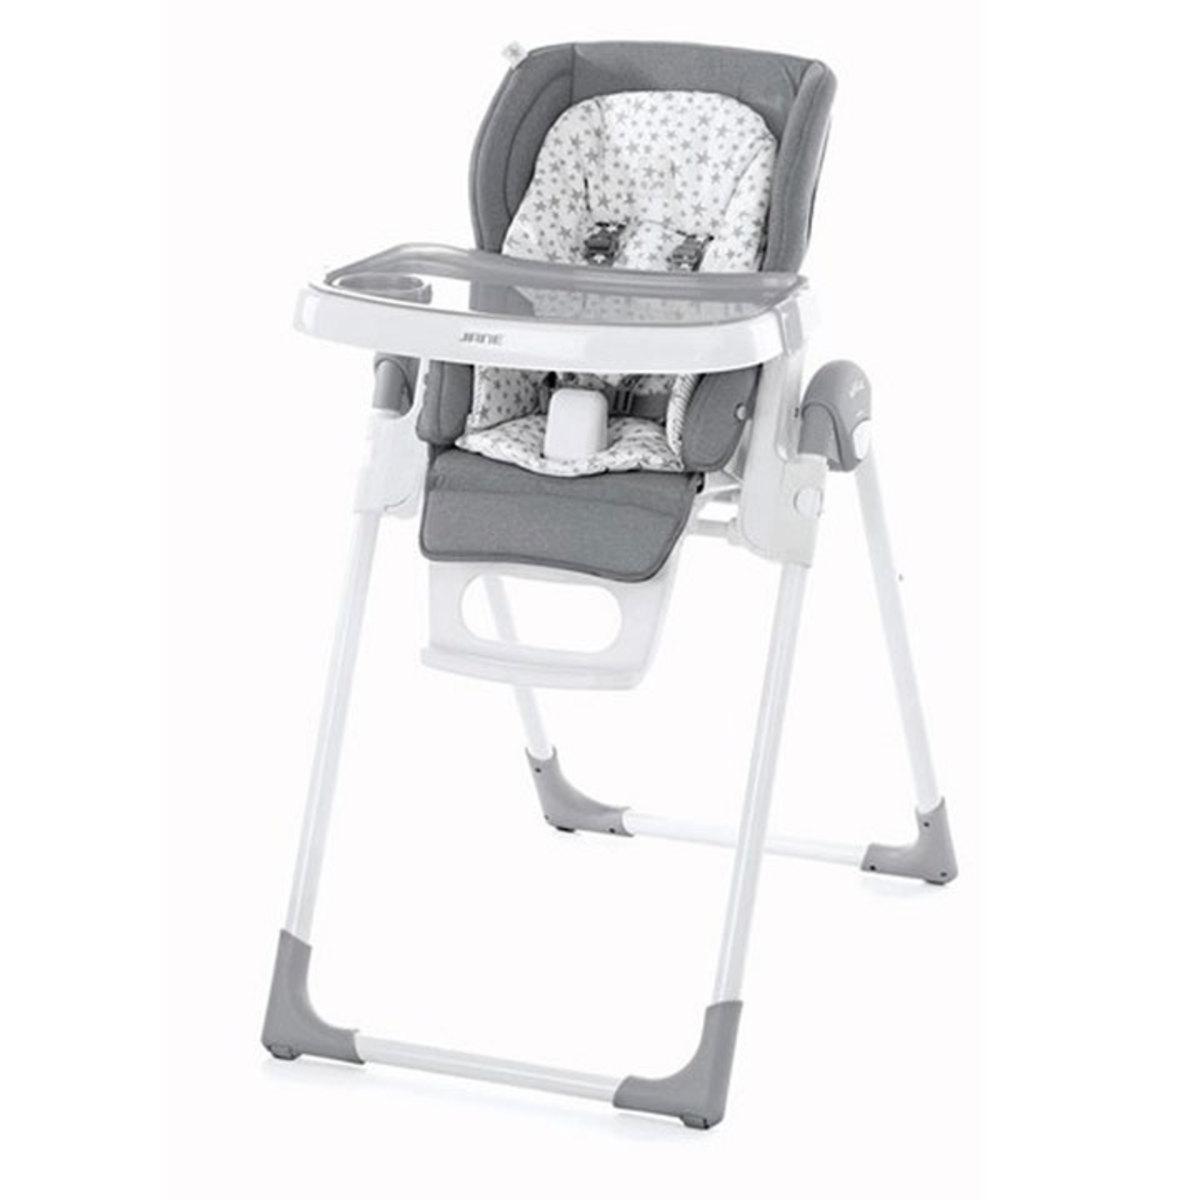 jan chaise haute mila star chaise haute jan sur l 39 armoire de b b. Black Bedroom Furniture Sets. Home Design Ideas